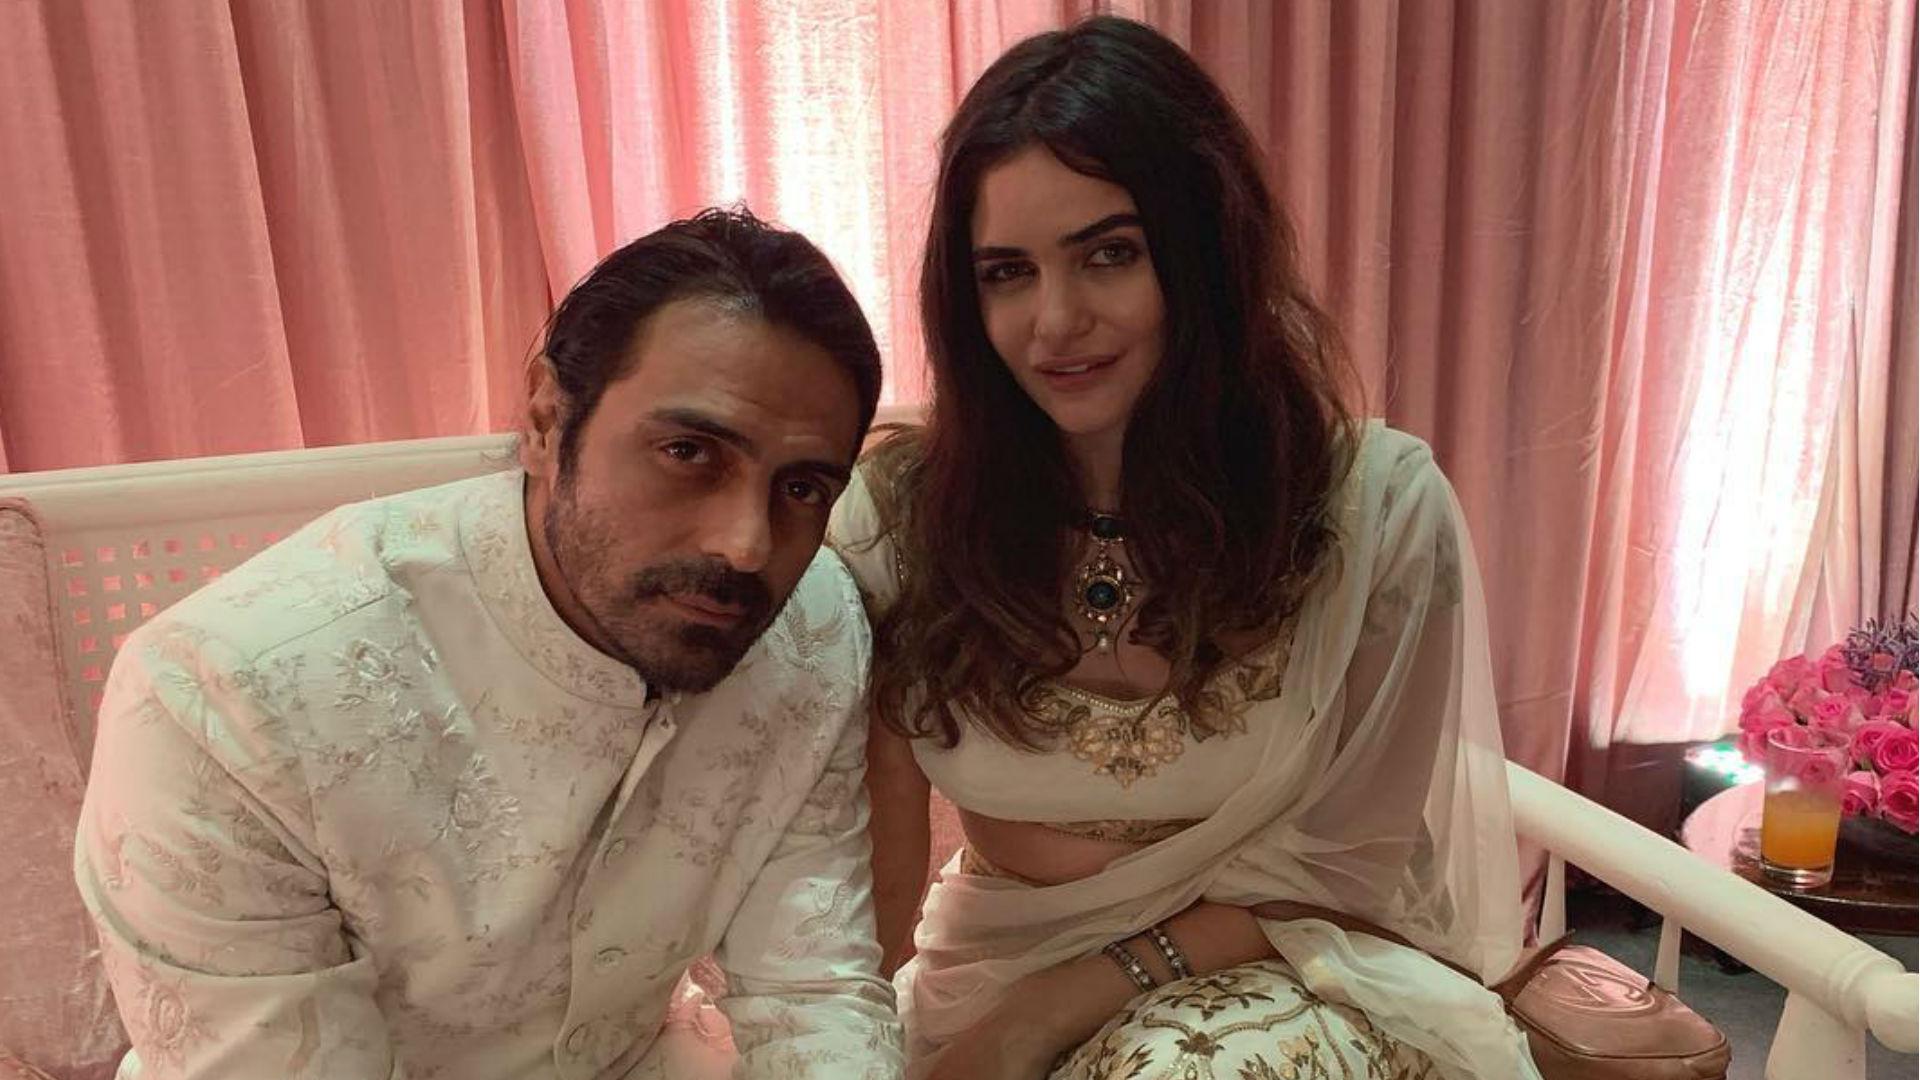 अर्जुन रामपाल की गर्लफ्रेंड बनने वाली हैं मां, बच्चे के जन्म से पहले मुंबई पहुंचे गैब्रिएला के माता-पिता